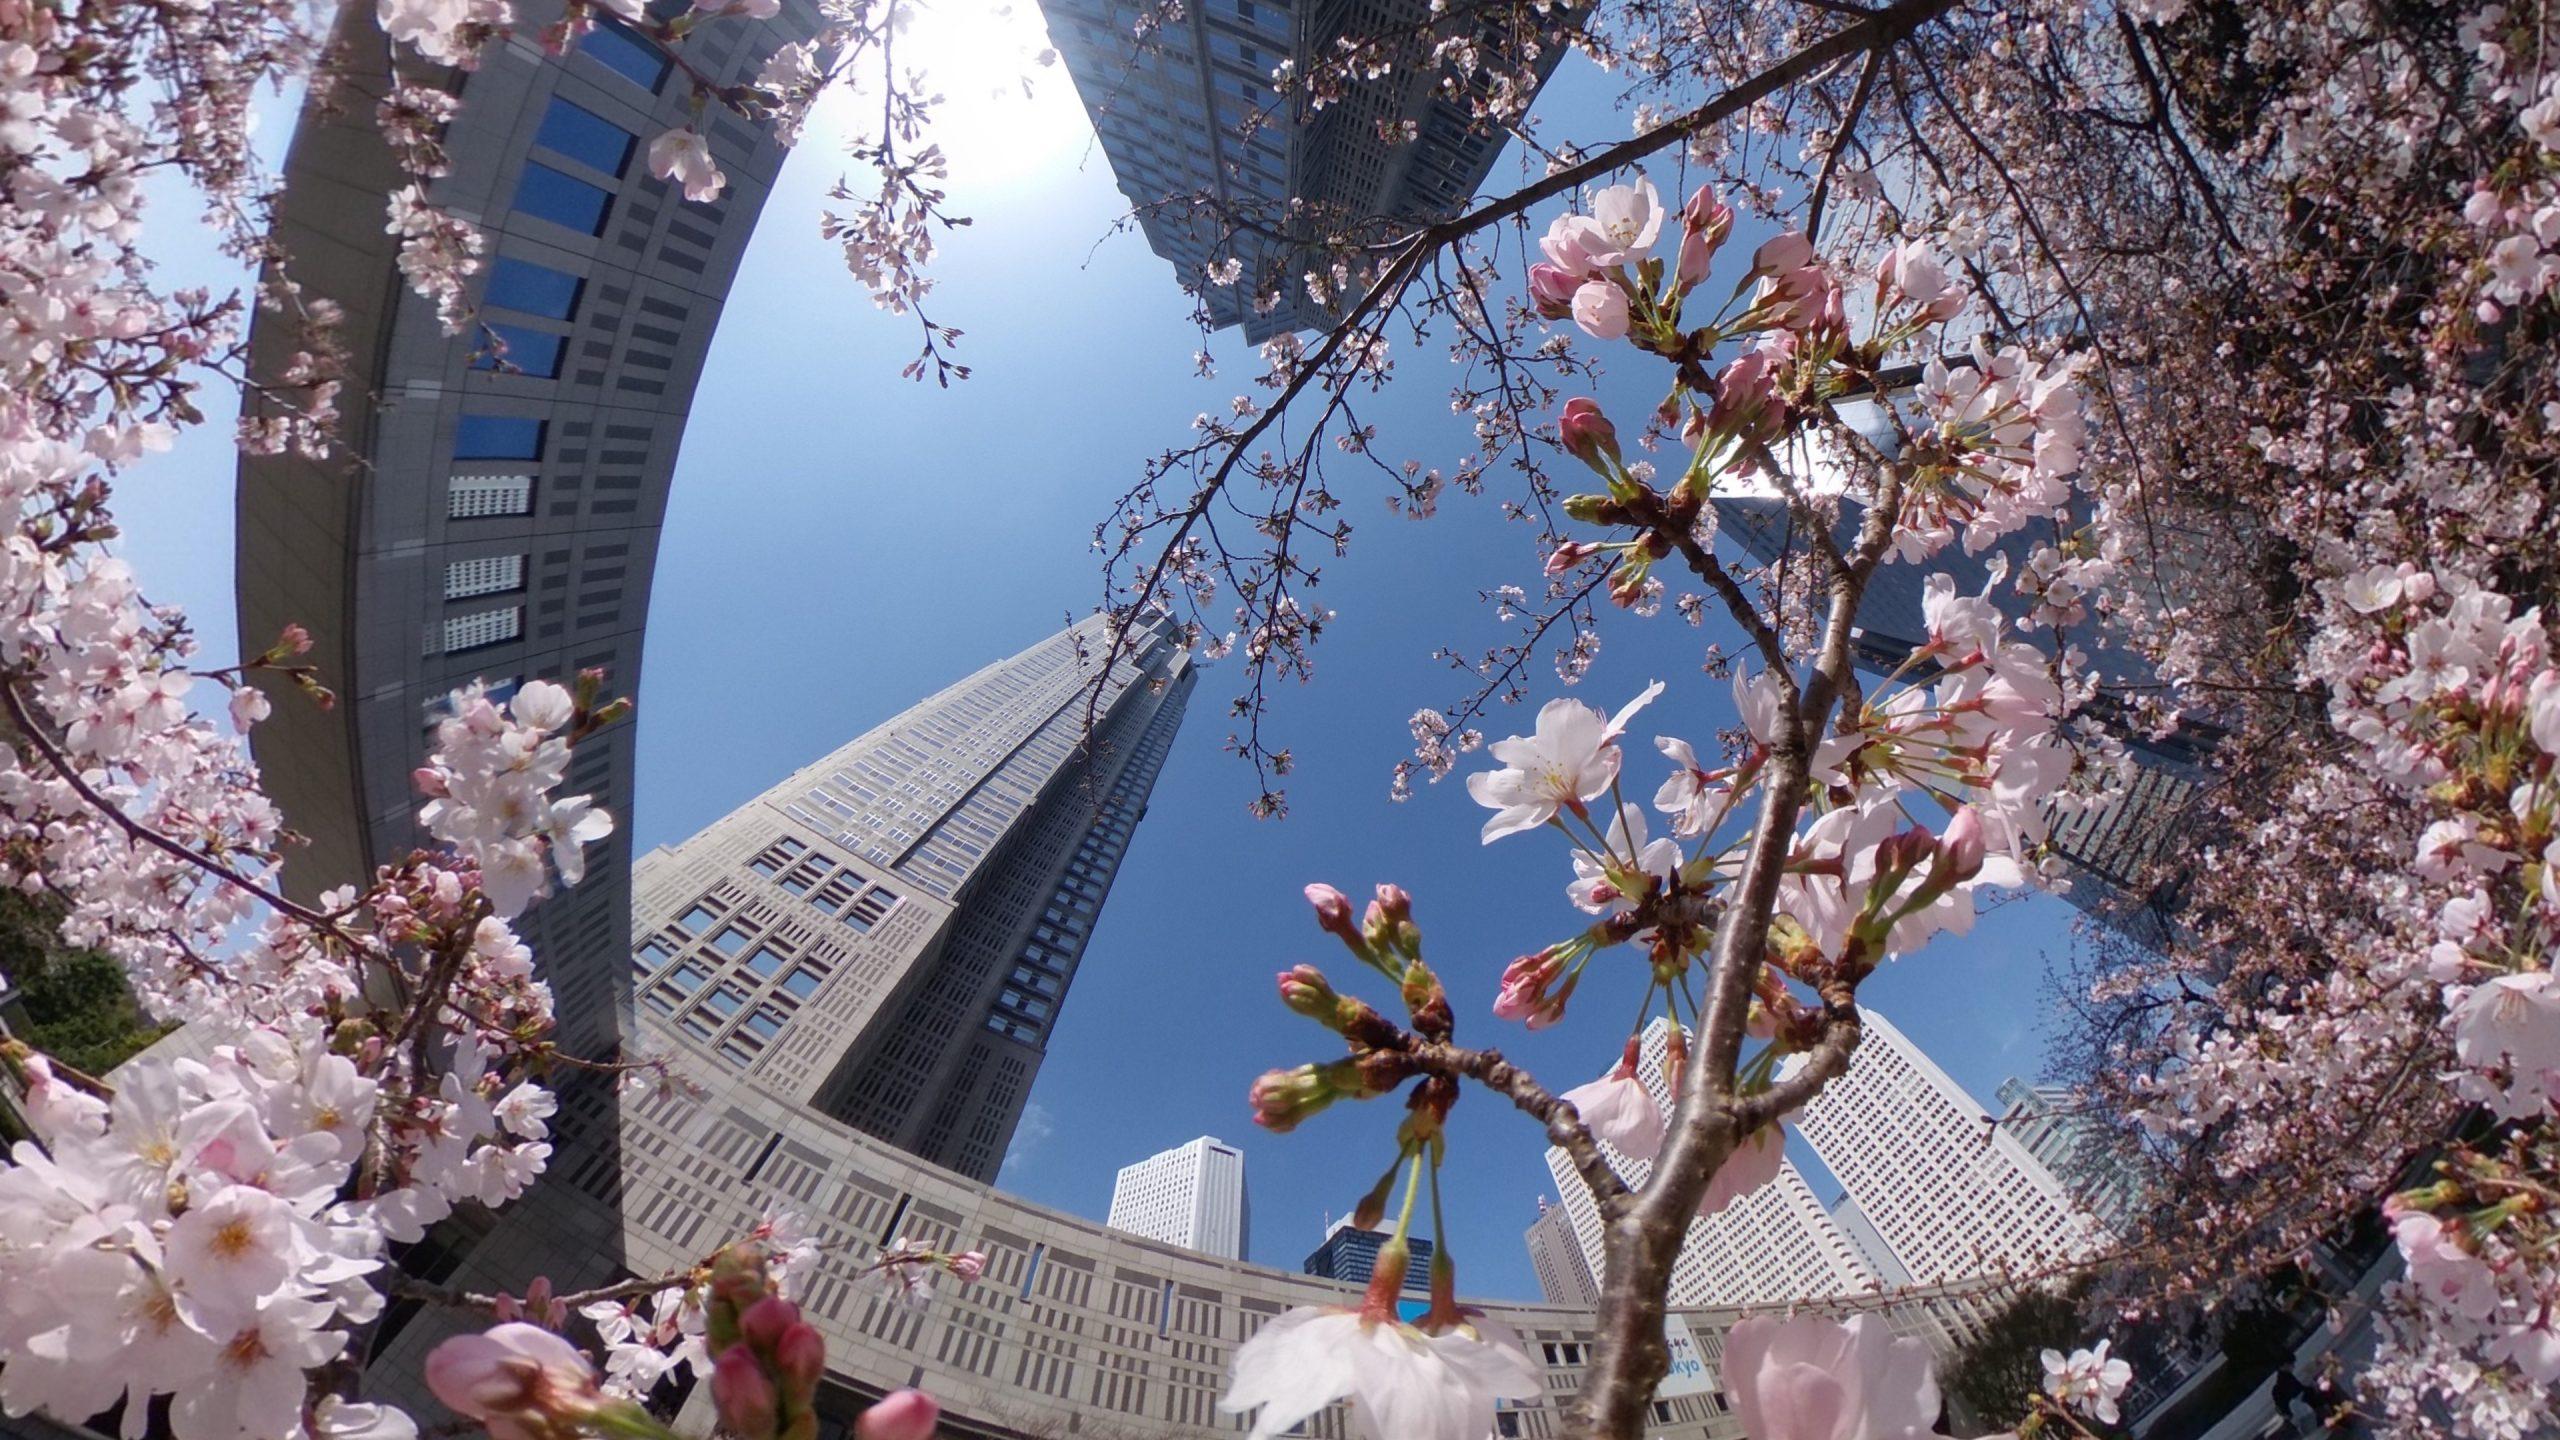 【RICOH】新宿都庁でいい感じに咲いているソメイヨシノをTHETA Z1で撮ってきた